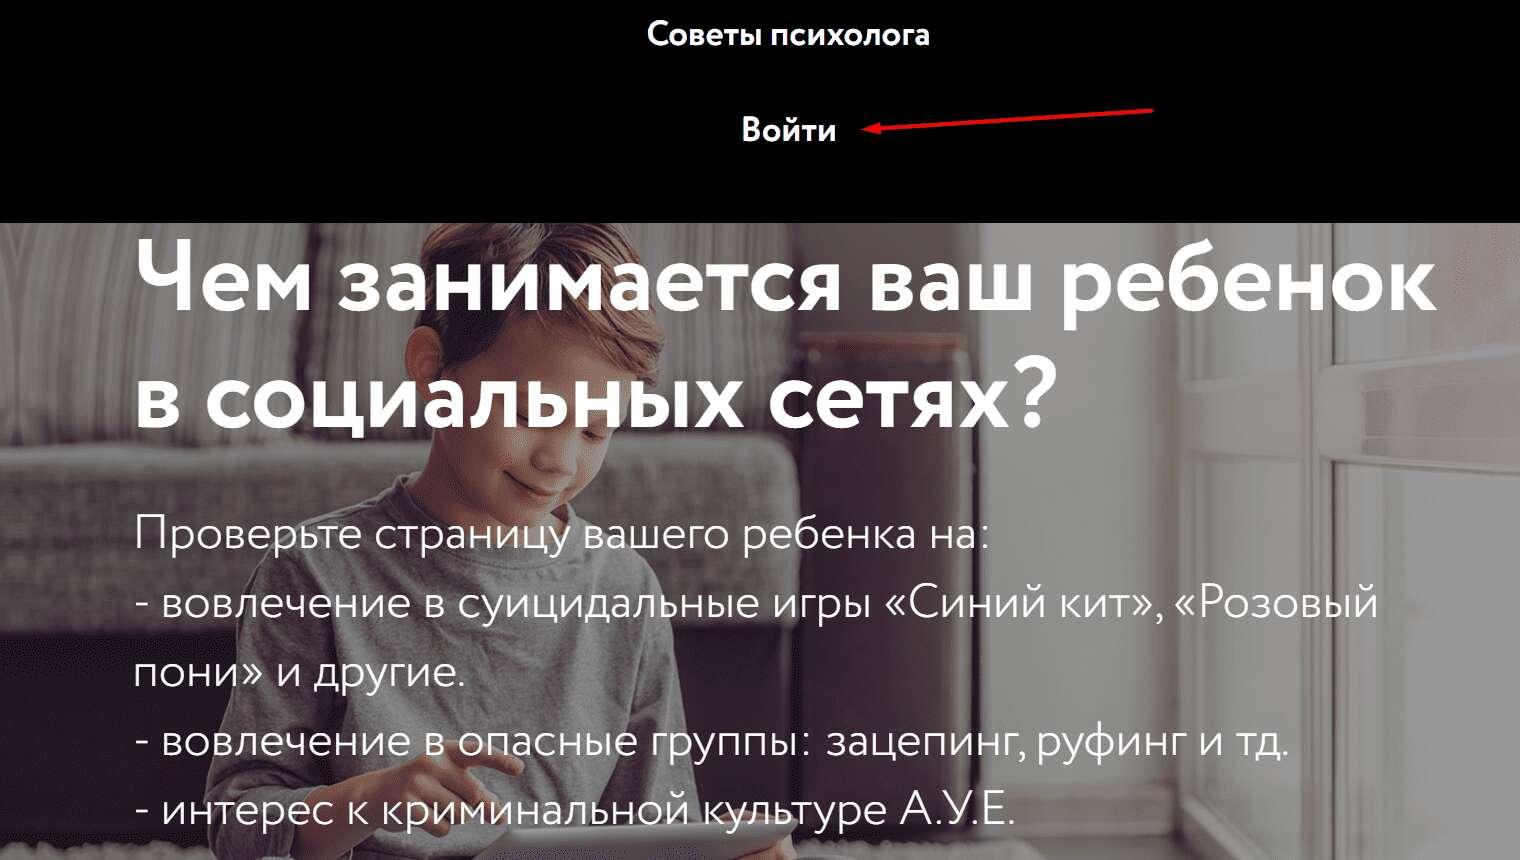 Сайт интернет воспитателя «Герда Бот»